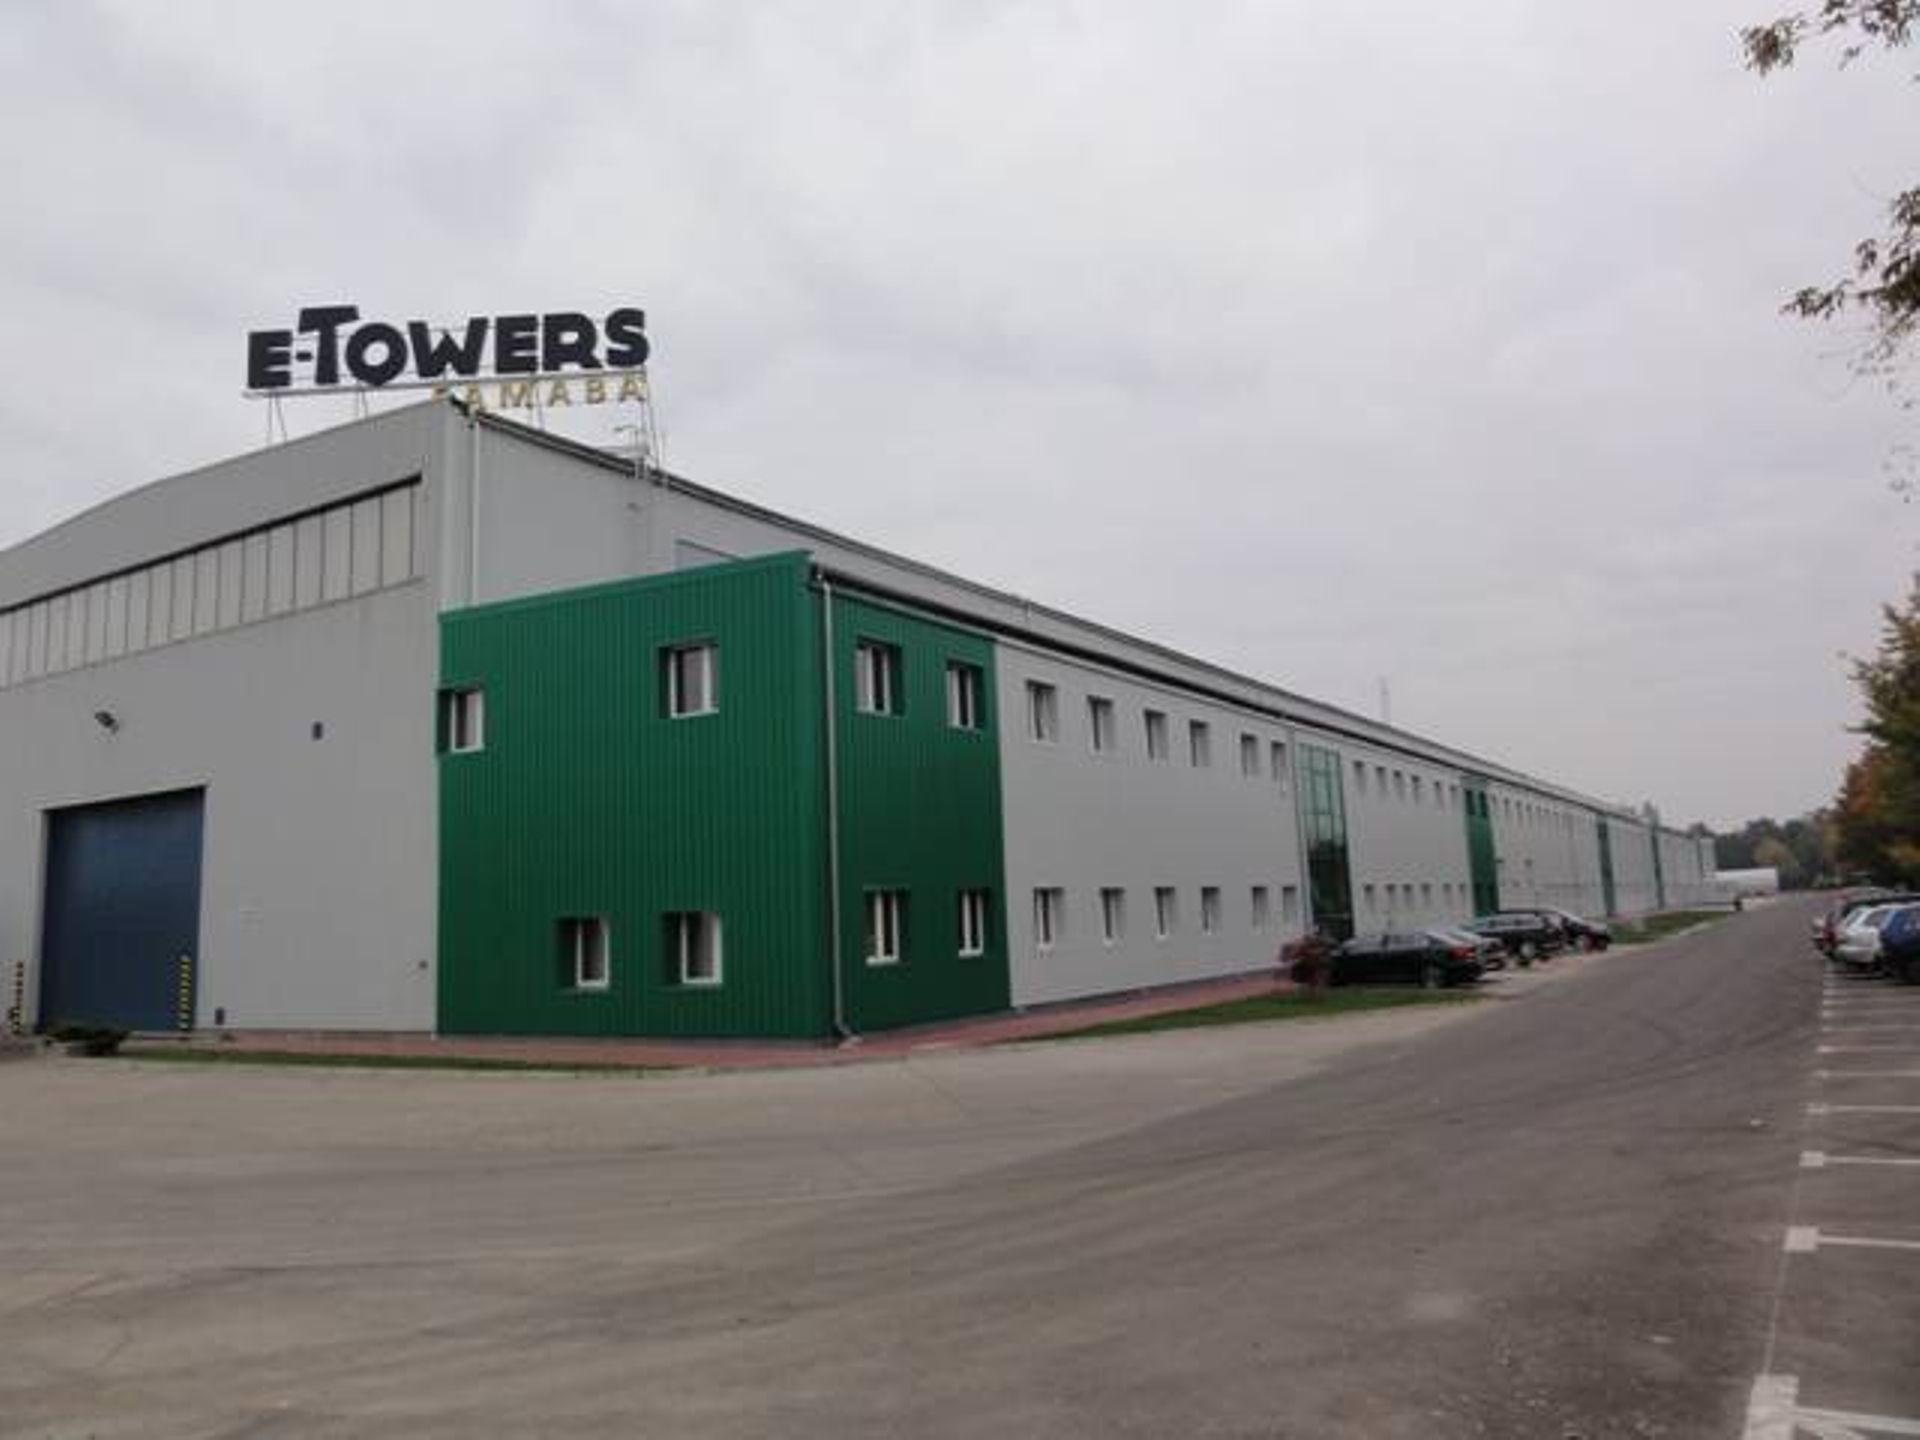 E-Towers Famba planuje kolejne inwestycje. Powstaną nowe miejsca pracy w Głogowie